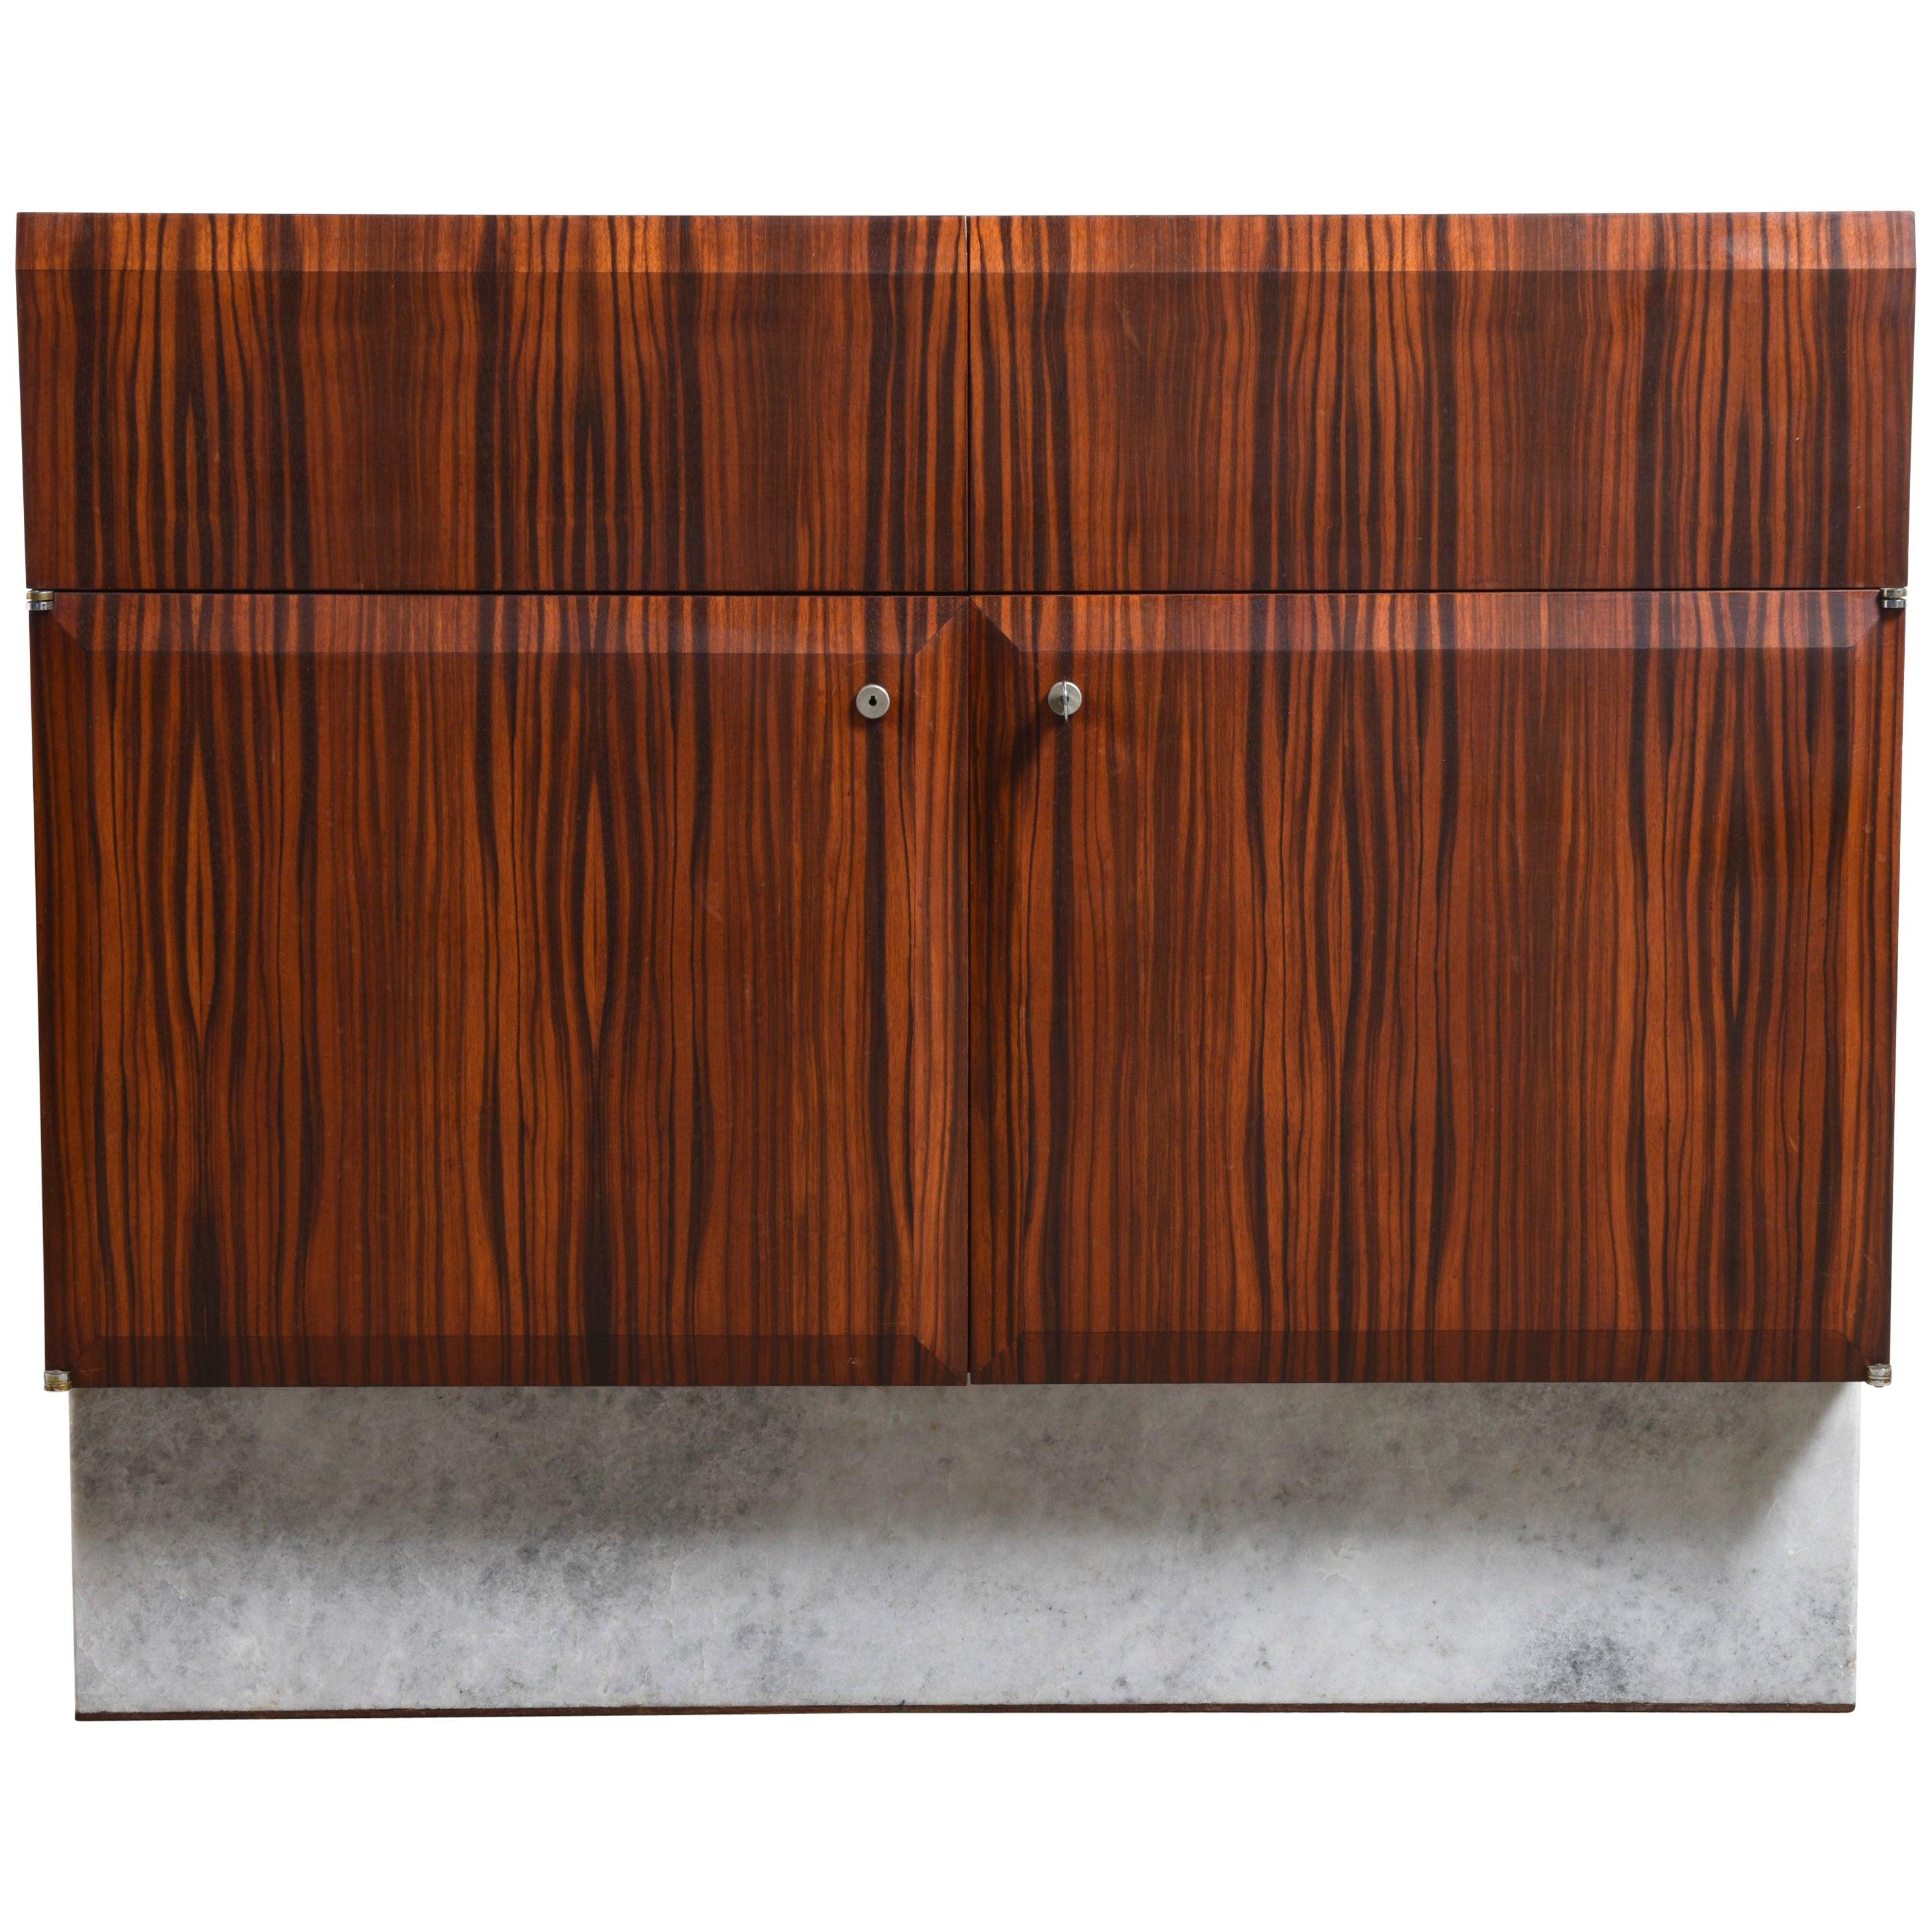 Handcrafted 1960s Brutalist Bar-Sideboard by De Coene Belgium